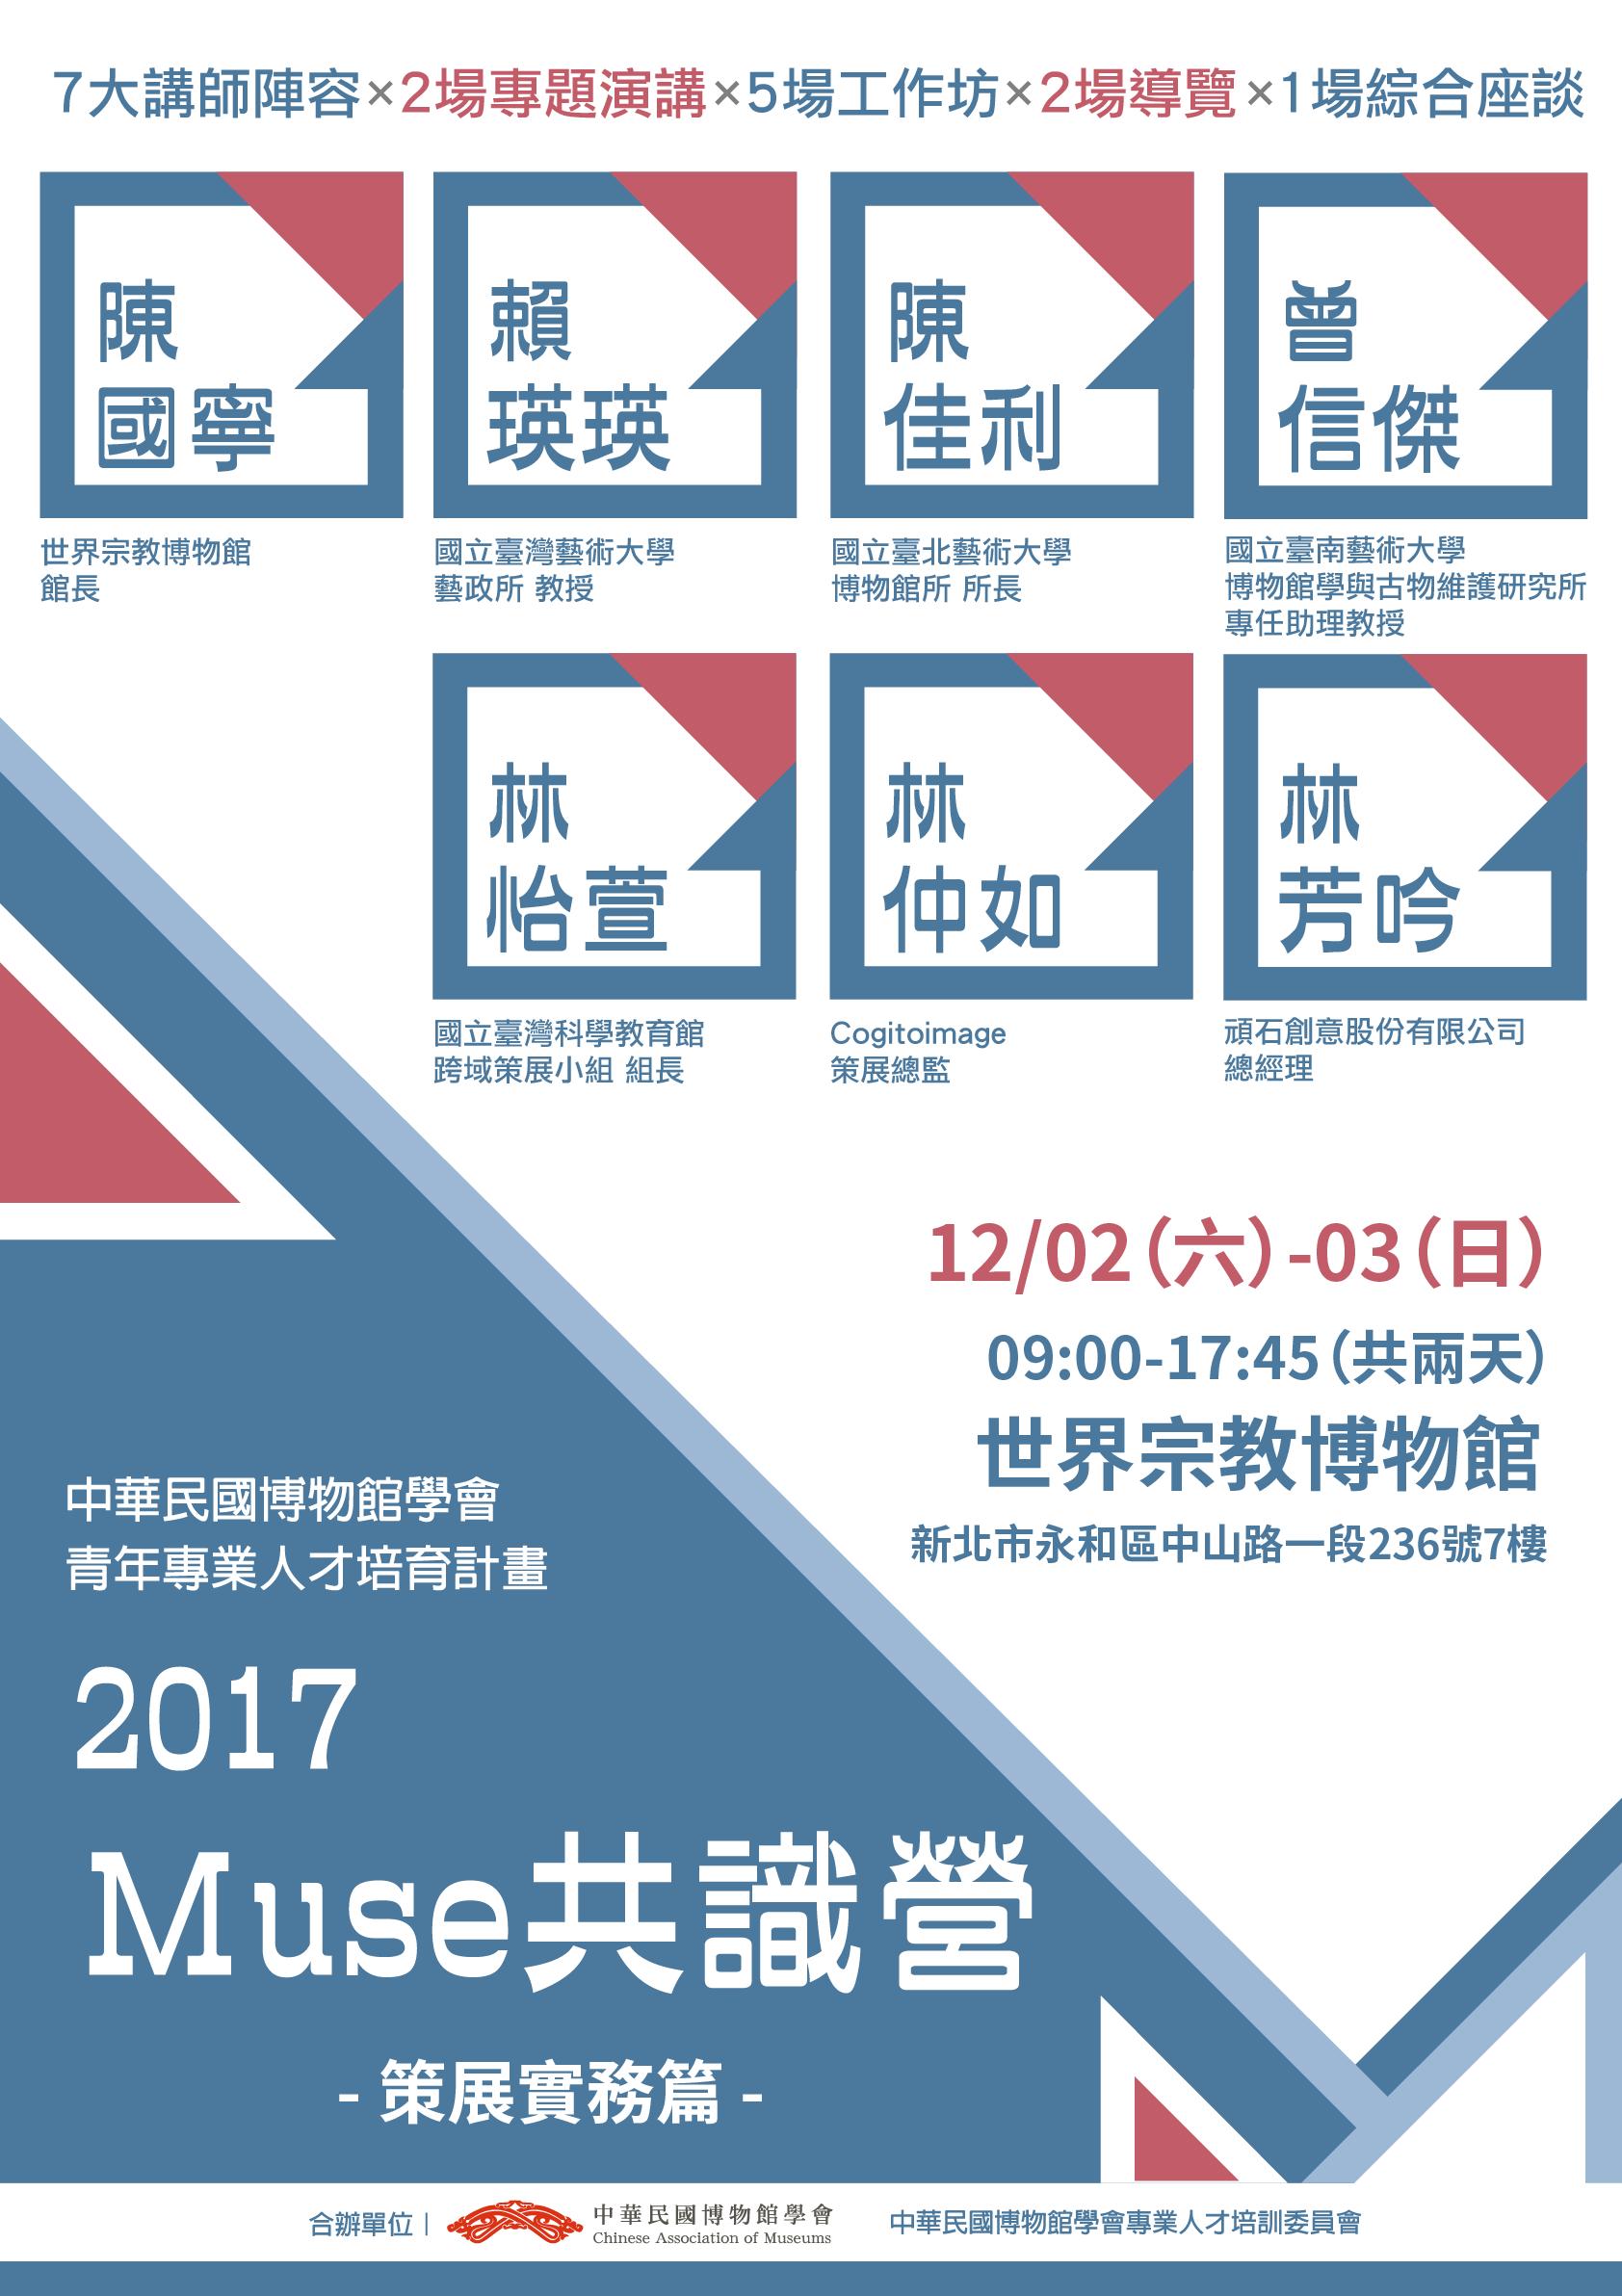 【中華民國博物館學會】2017 Muse共識營-策展實務篇-正取名單公告